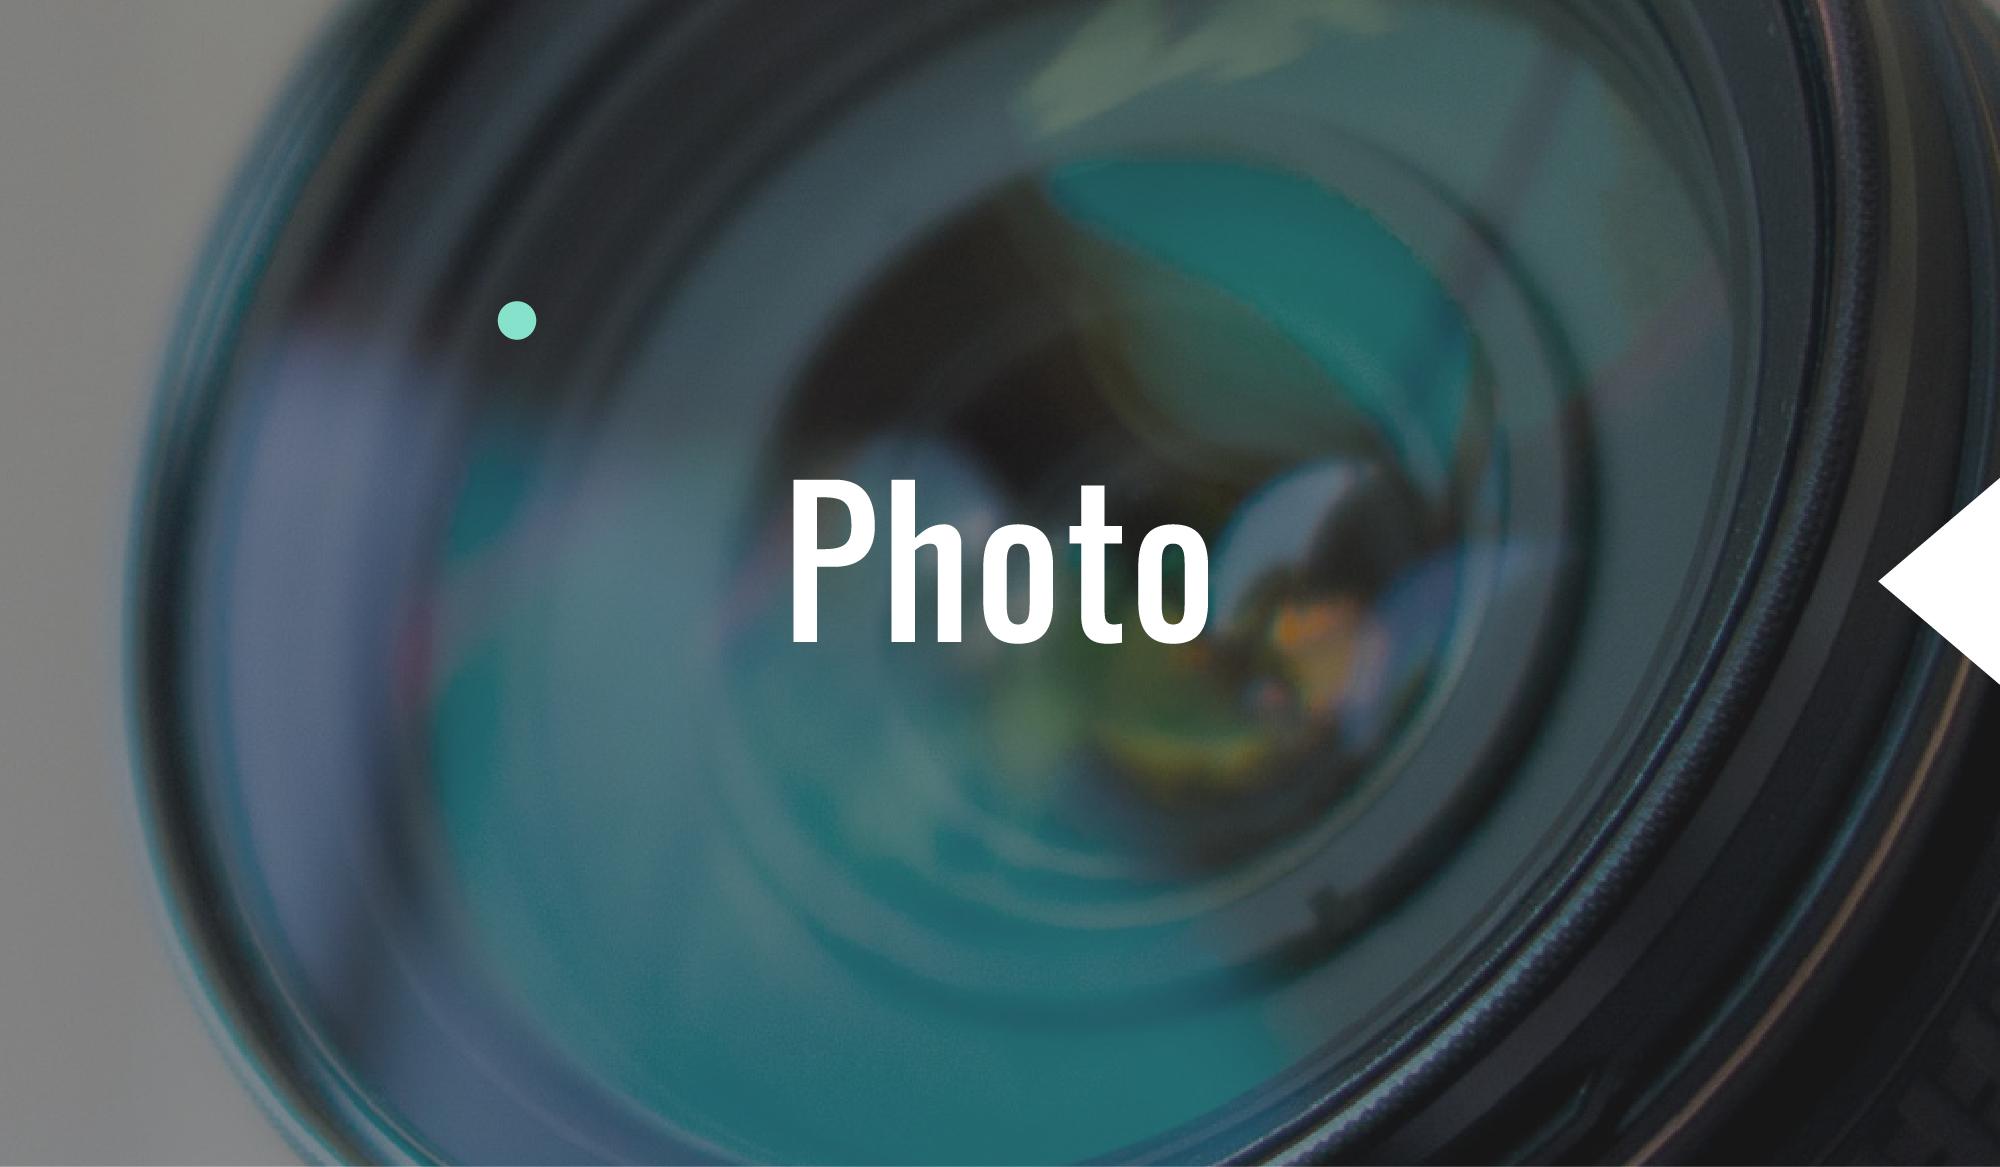 dggd compétences photo